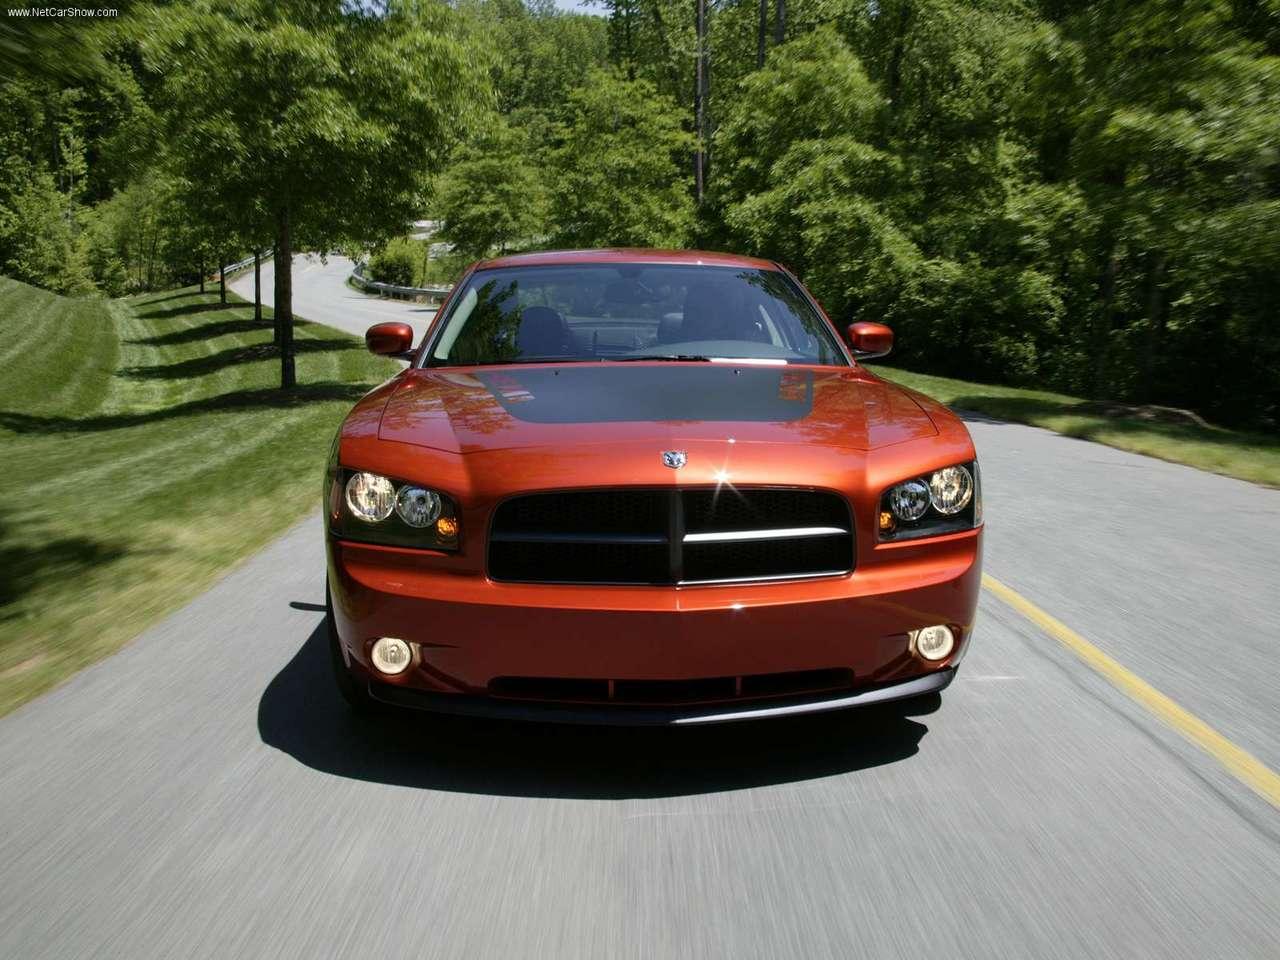 http://2.bp.blogspot.com/-AsXqpQiErqk/TXN_NVcHLWI/AAAAAAAADS0/lRiNpvCBxRk/s1600/Dodge-Charger_Daytona_RT_2006_1280x960_wallpaper_09.jpg